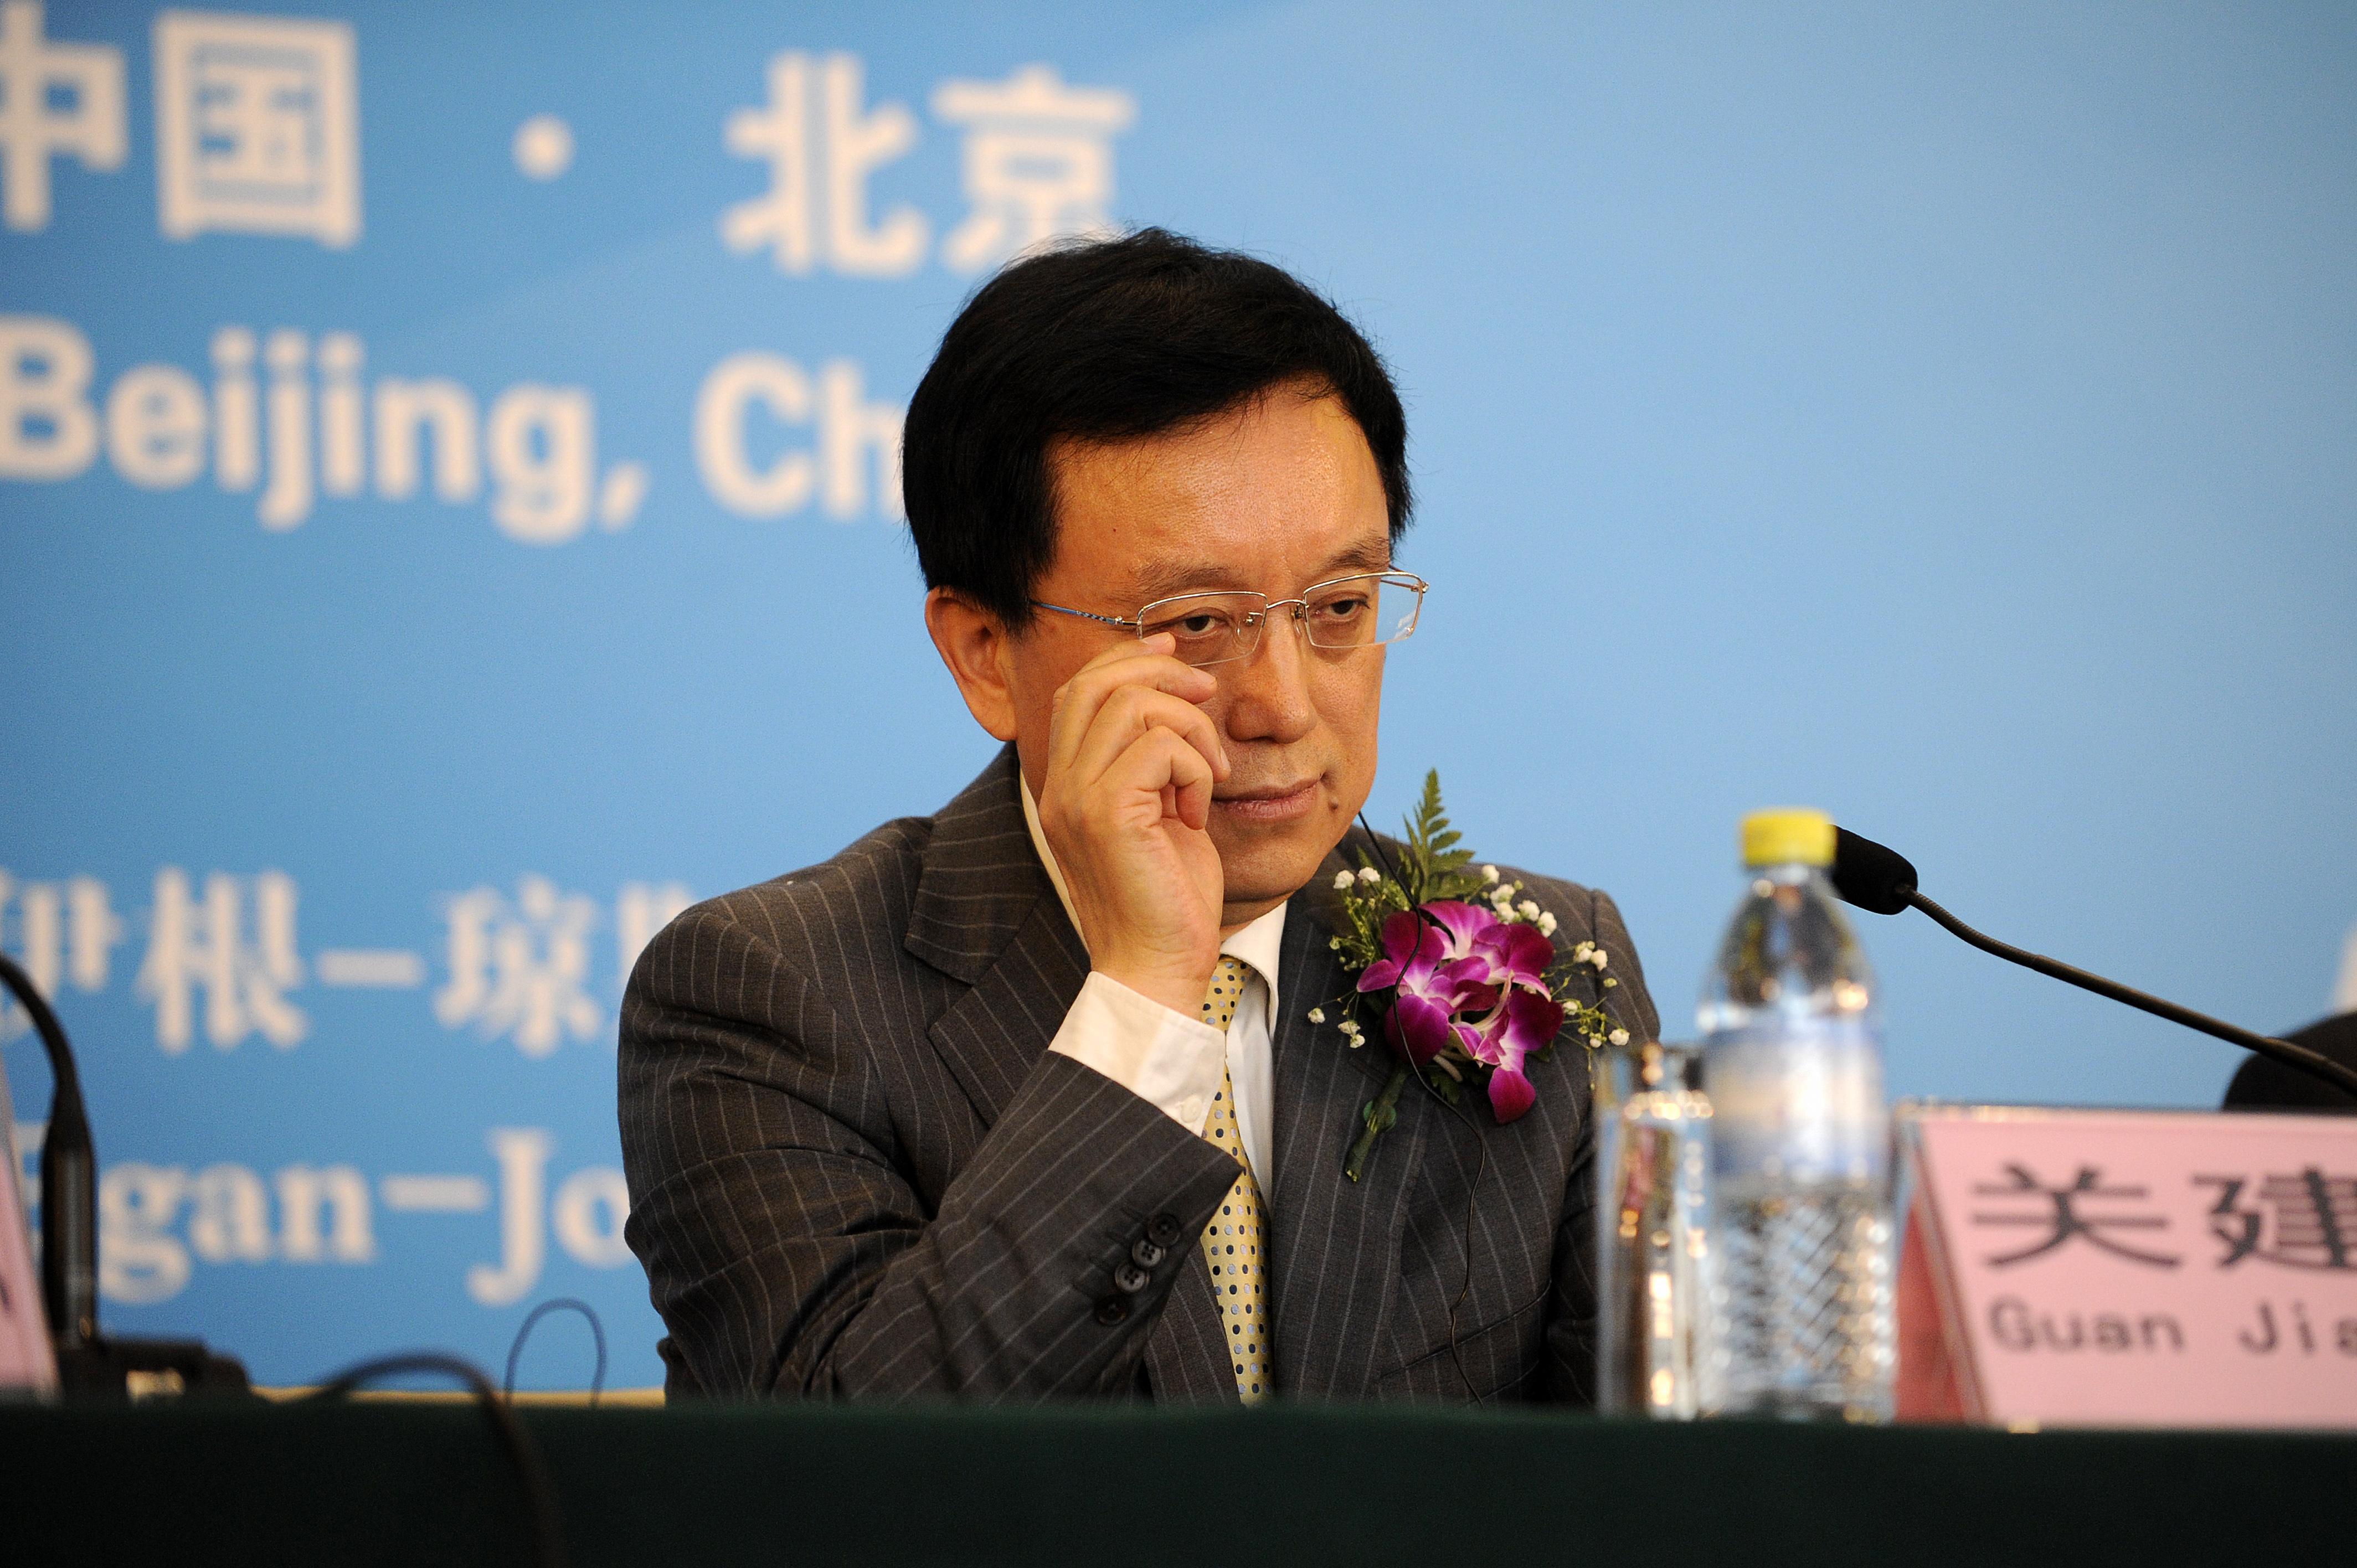 中國最大信貸評級機構造假 被停業一年